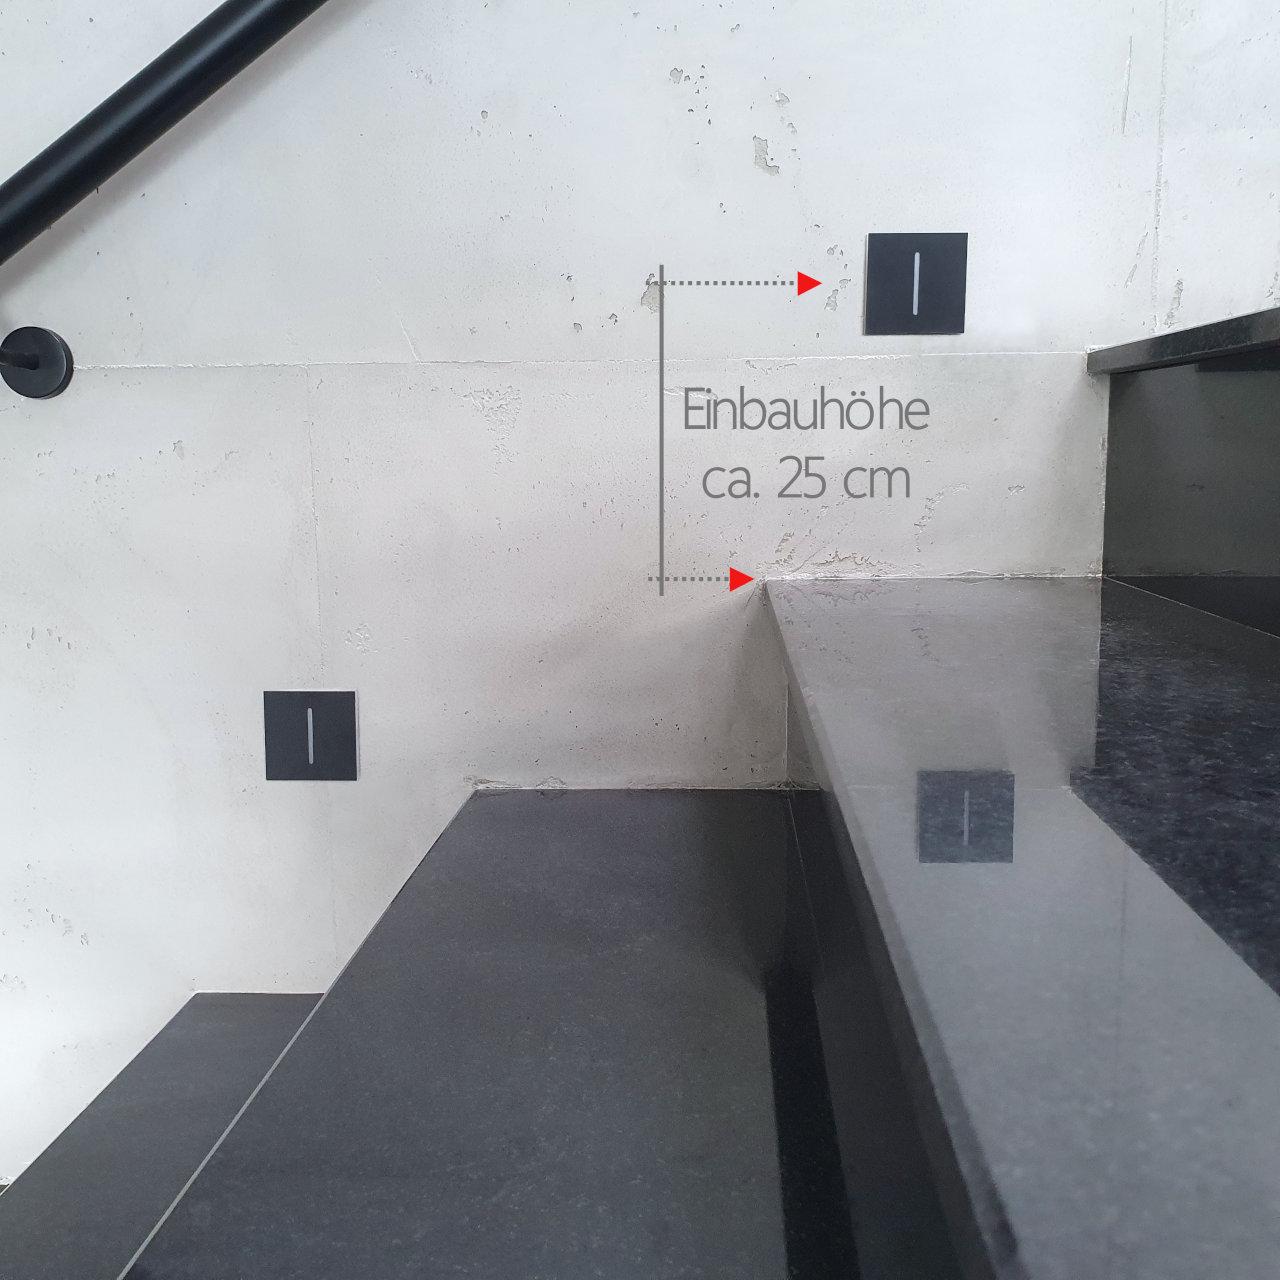 led-treppenbeleuchtung-einbauanleitung-wie-hoch-einbauen